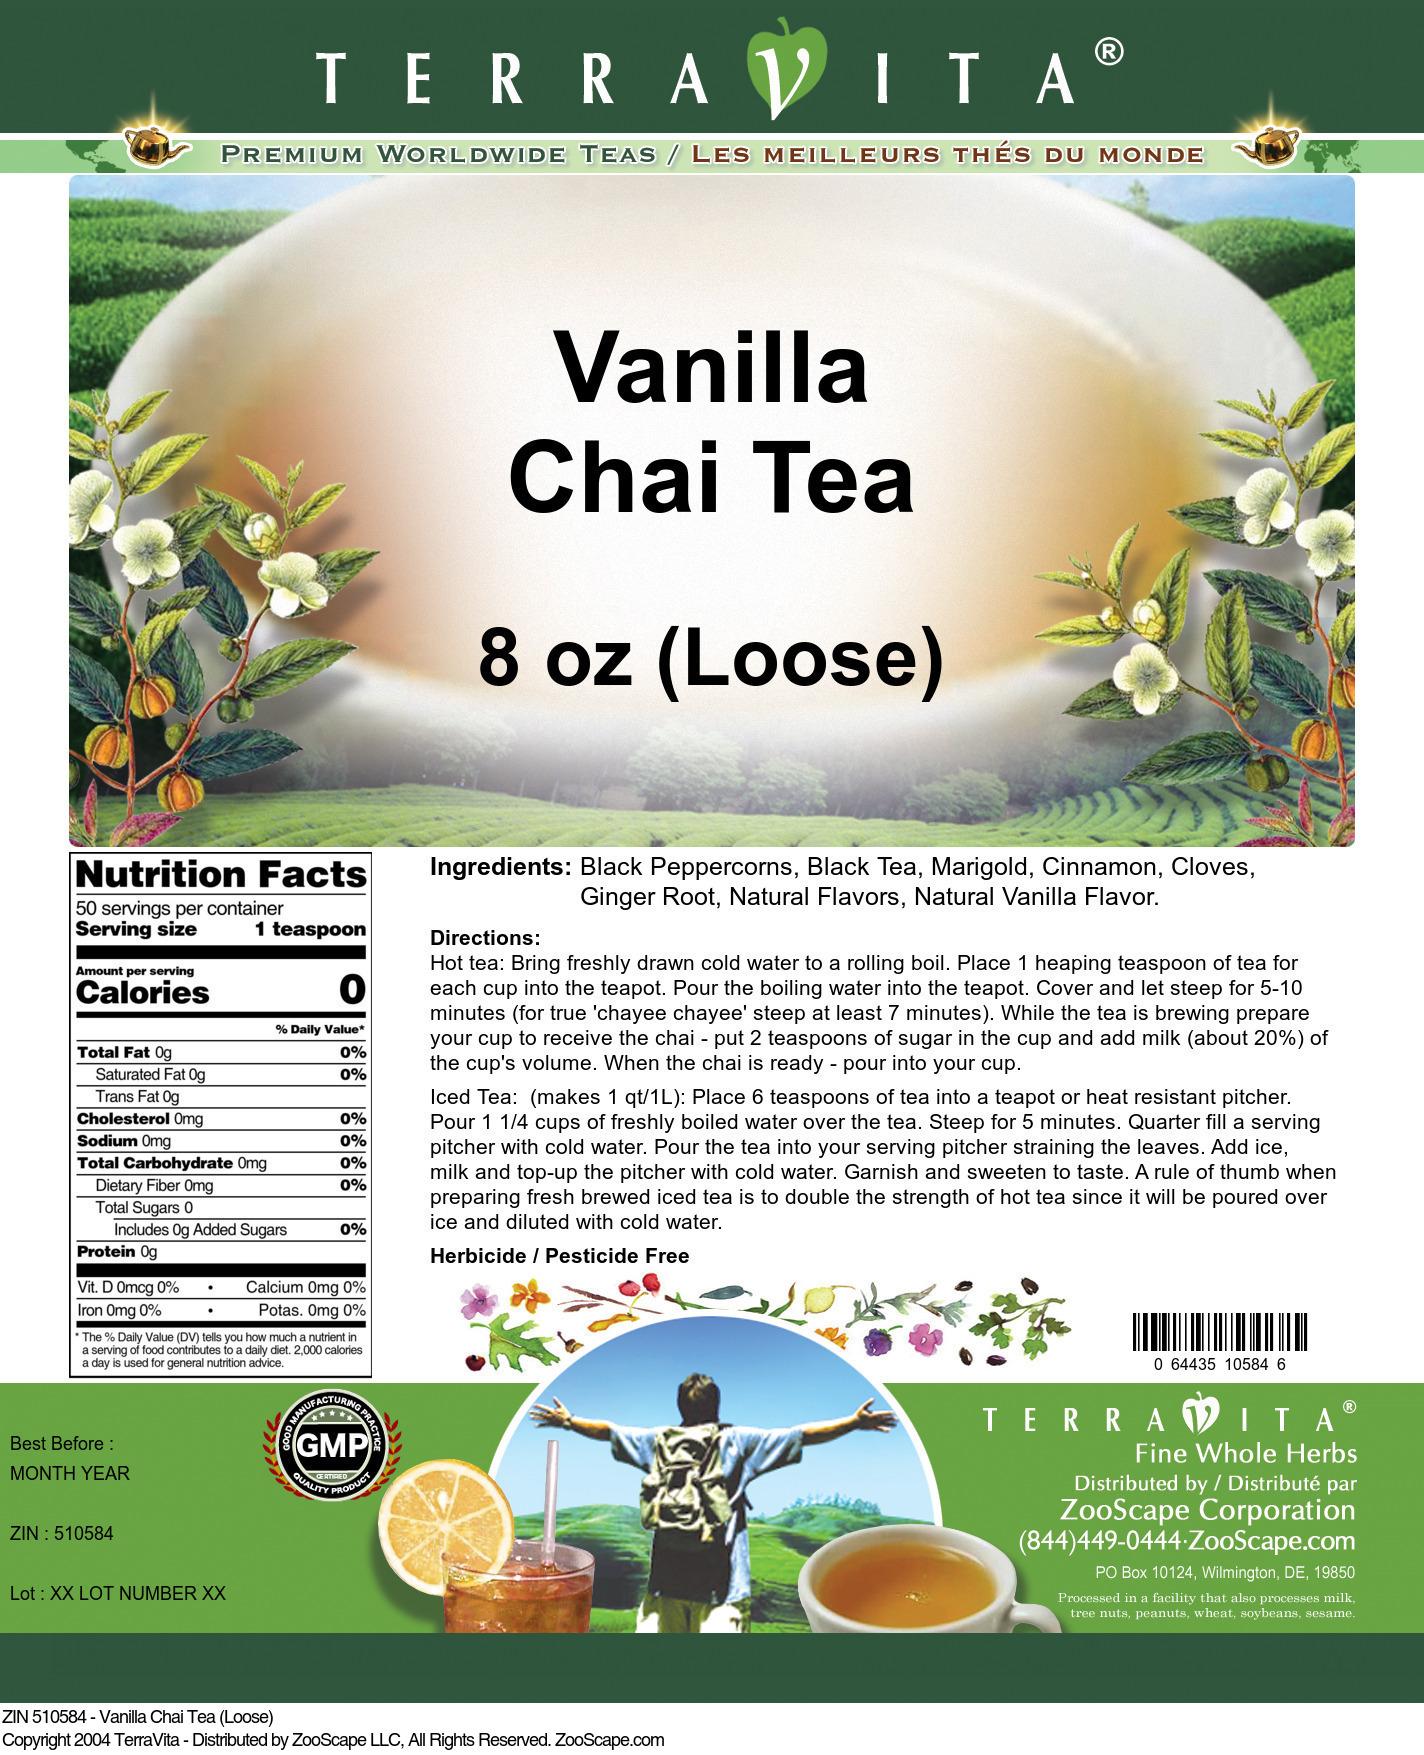 Vanilla Chai Tea (Loose)